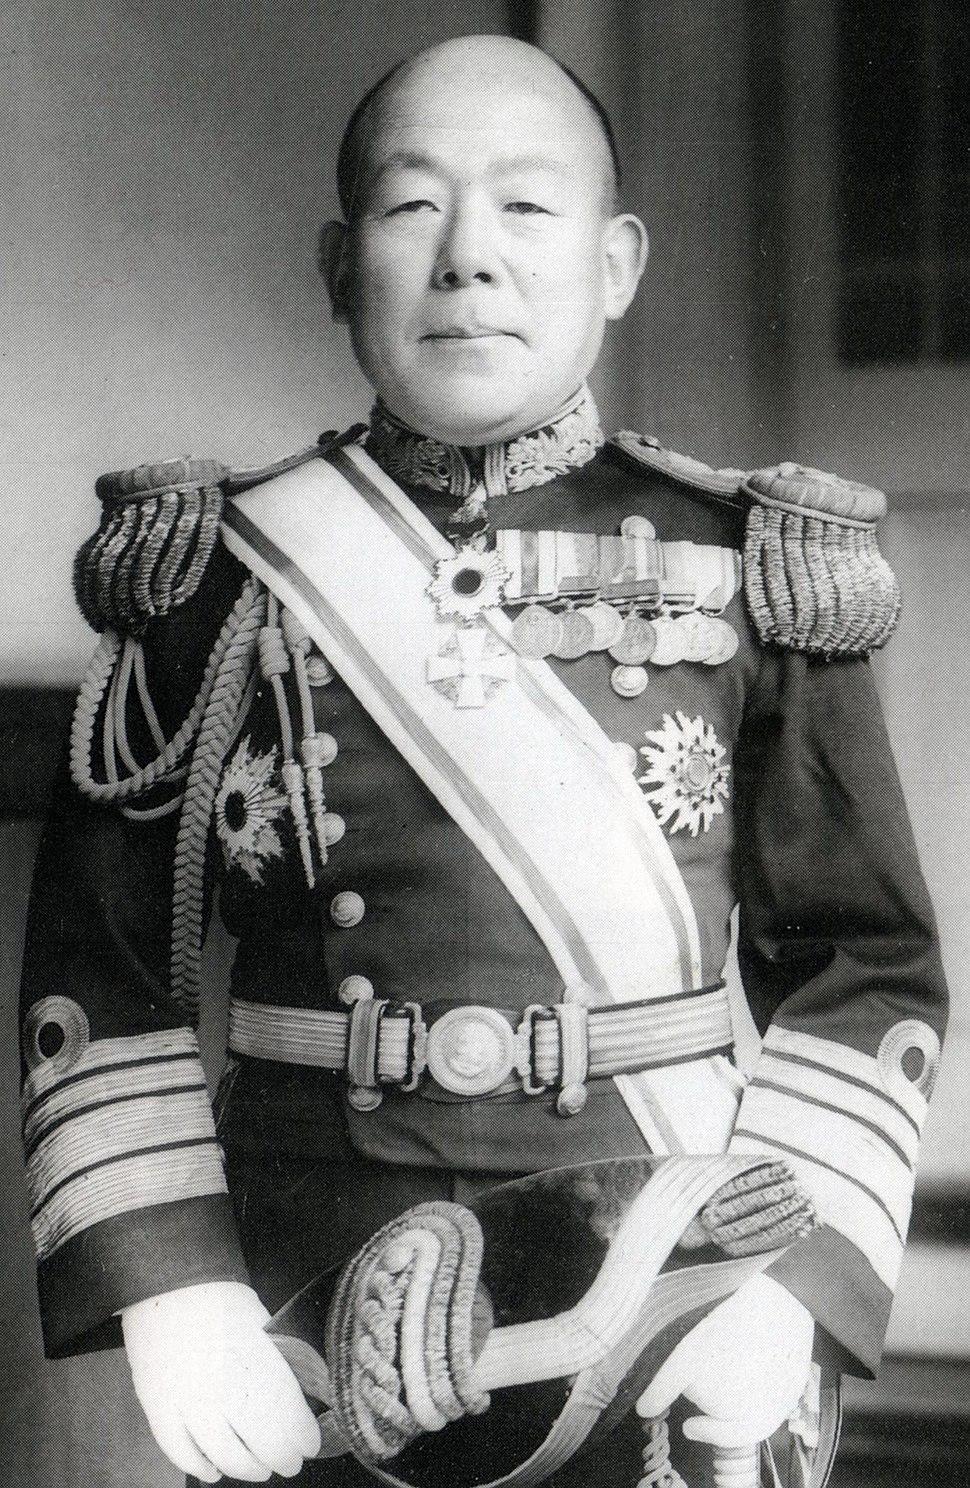 Niimi Masaichi